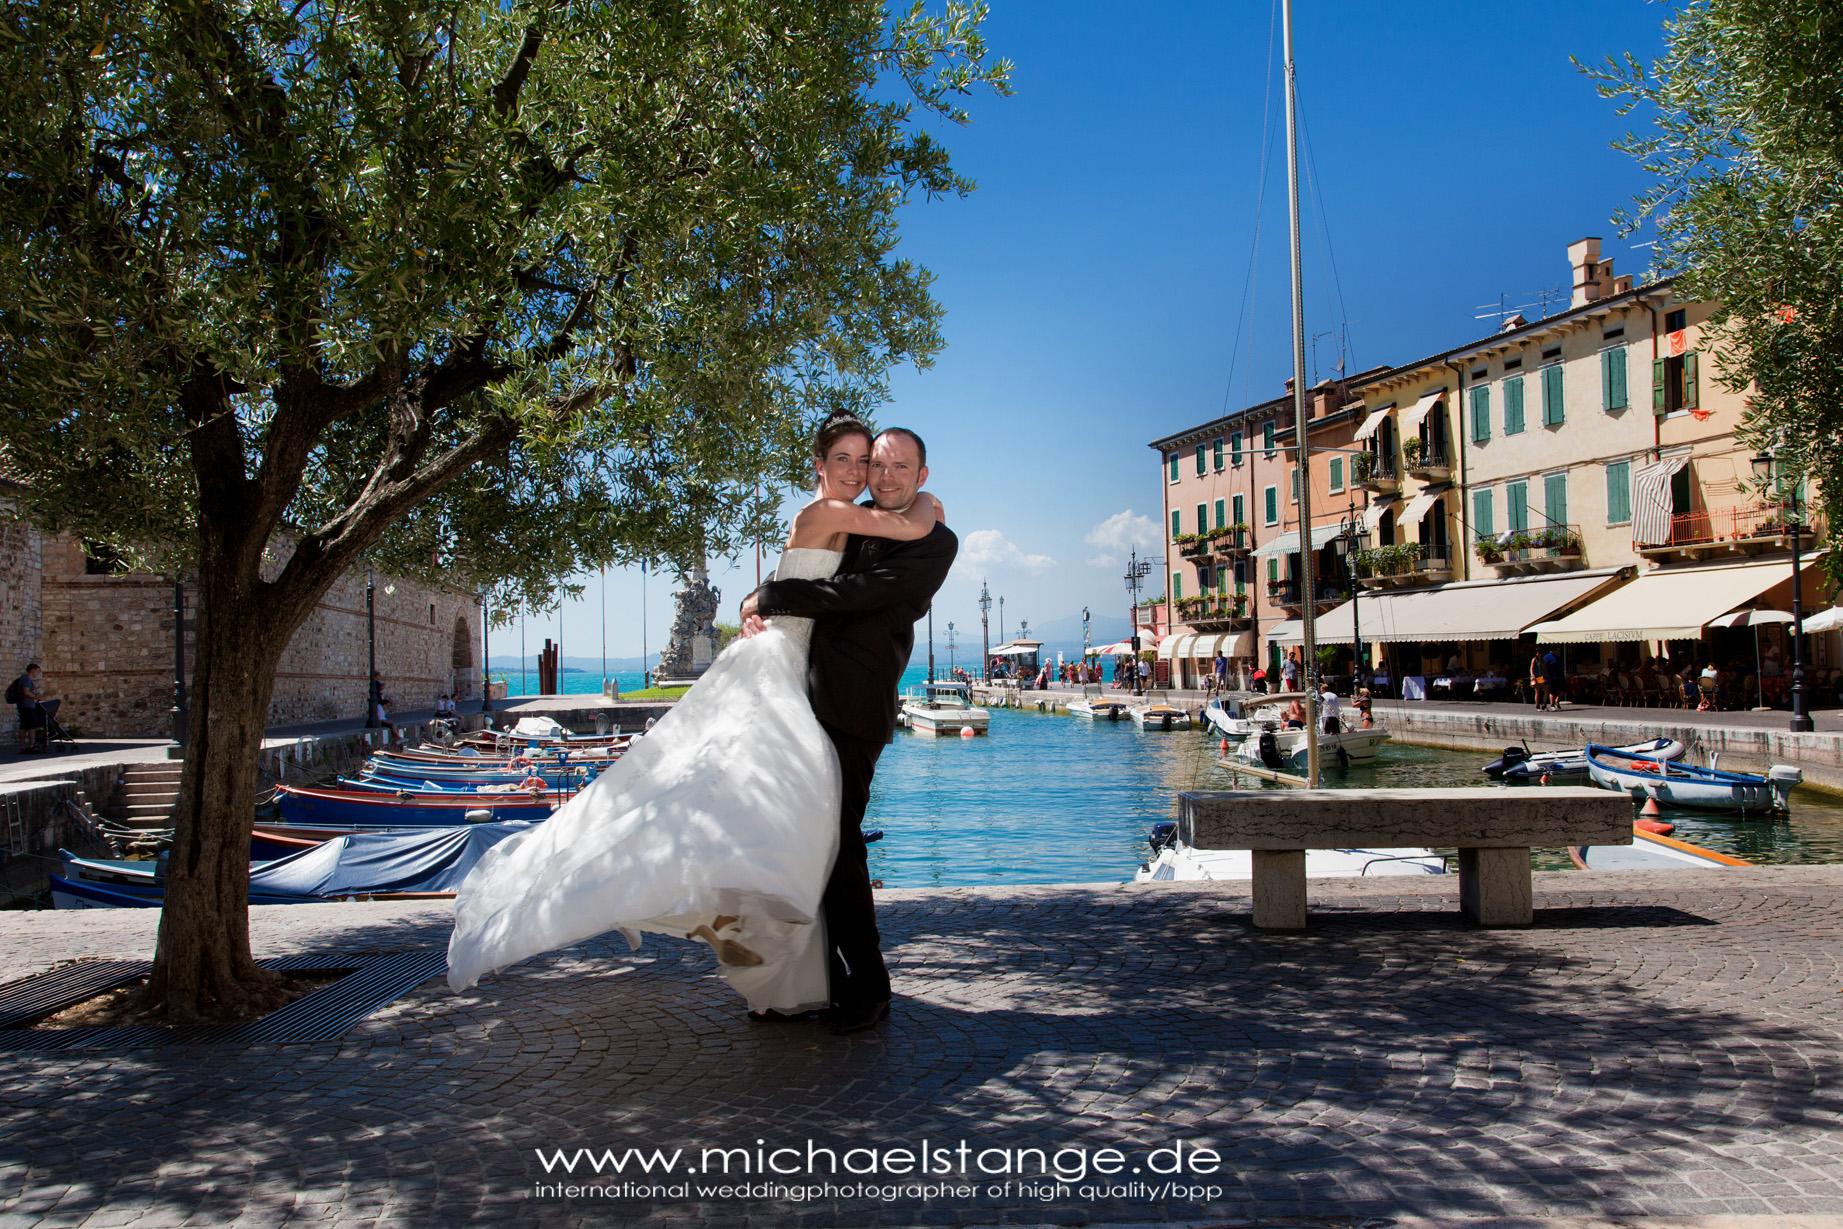 108 Hochzeitsfotograf Michael Stange Baltrum Osnabrueck